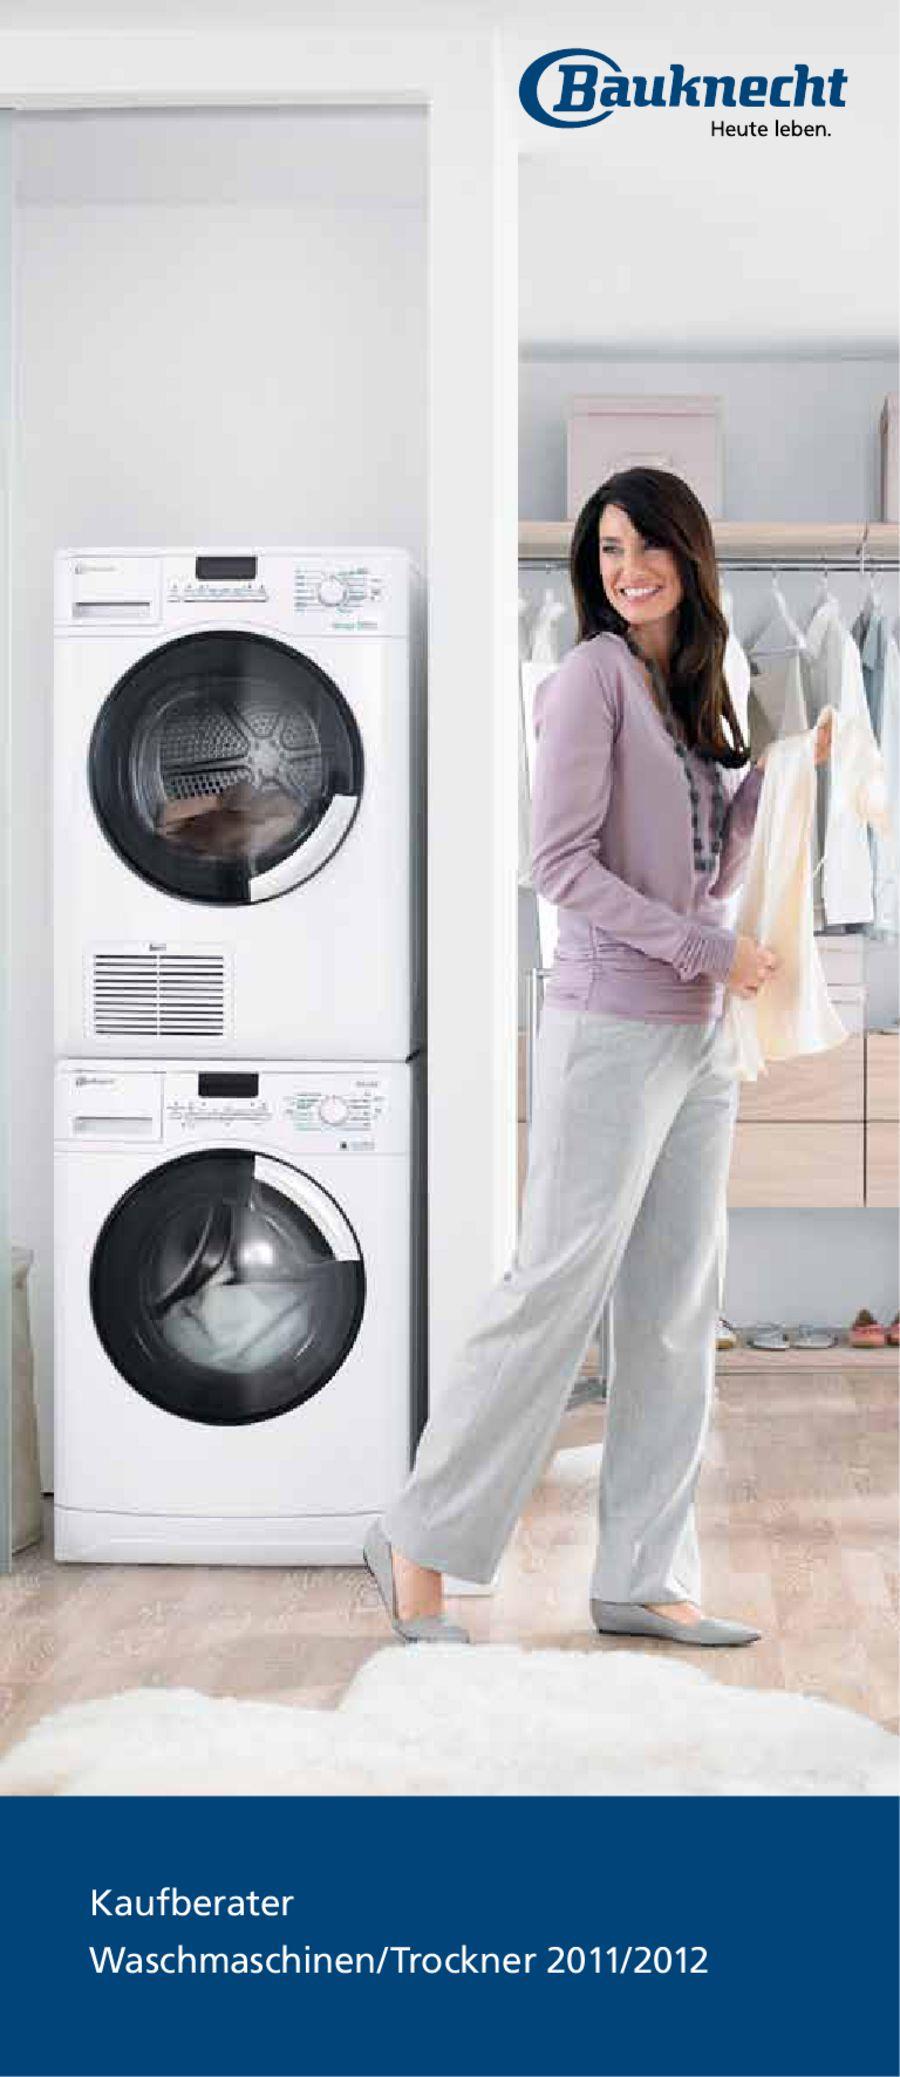 Waschmaschinen Trockner 2011 2012 Von Bauknecht Hausgerate